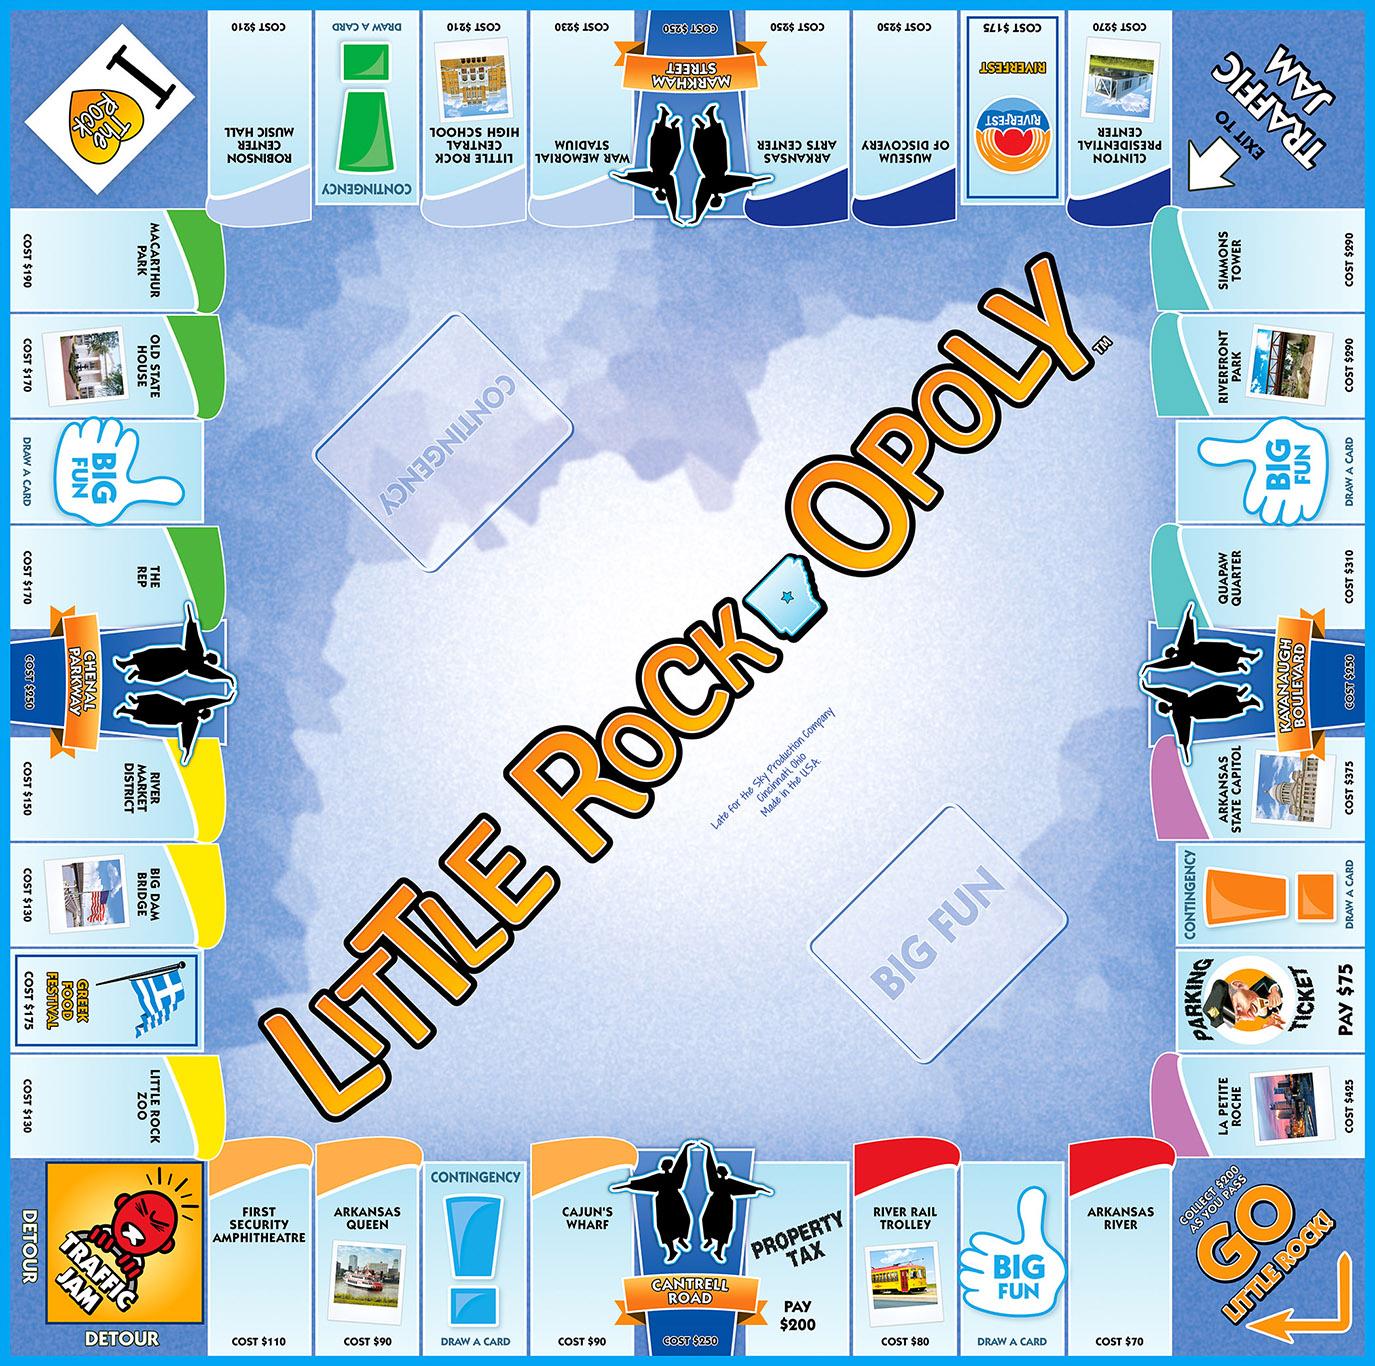 LITTLE ROCK-OPOLY Board Game